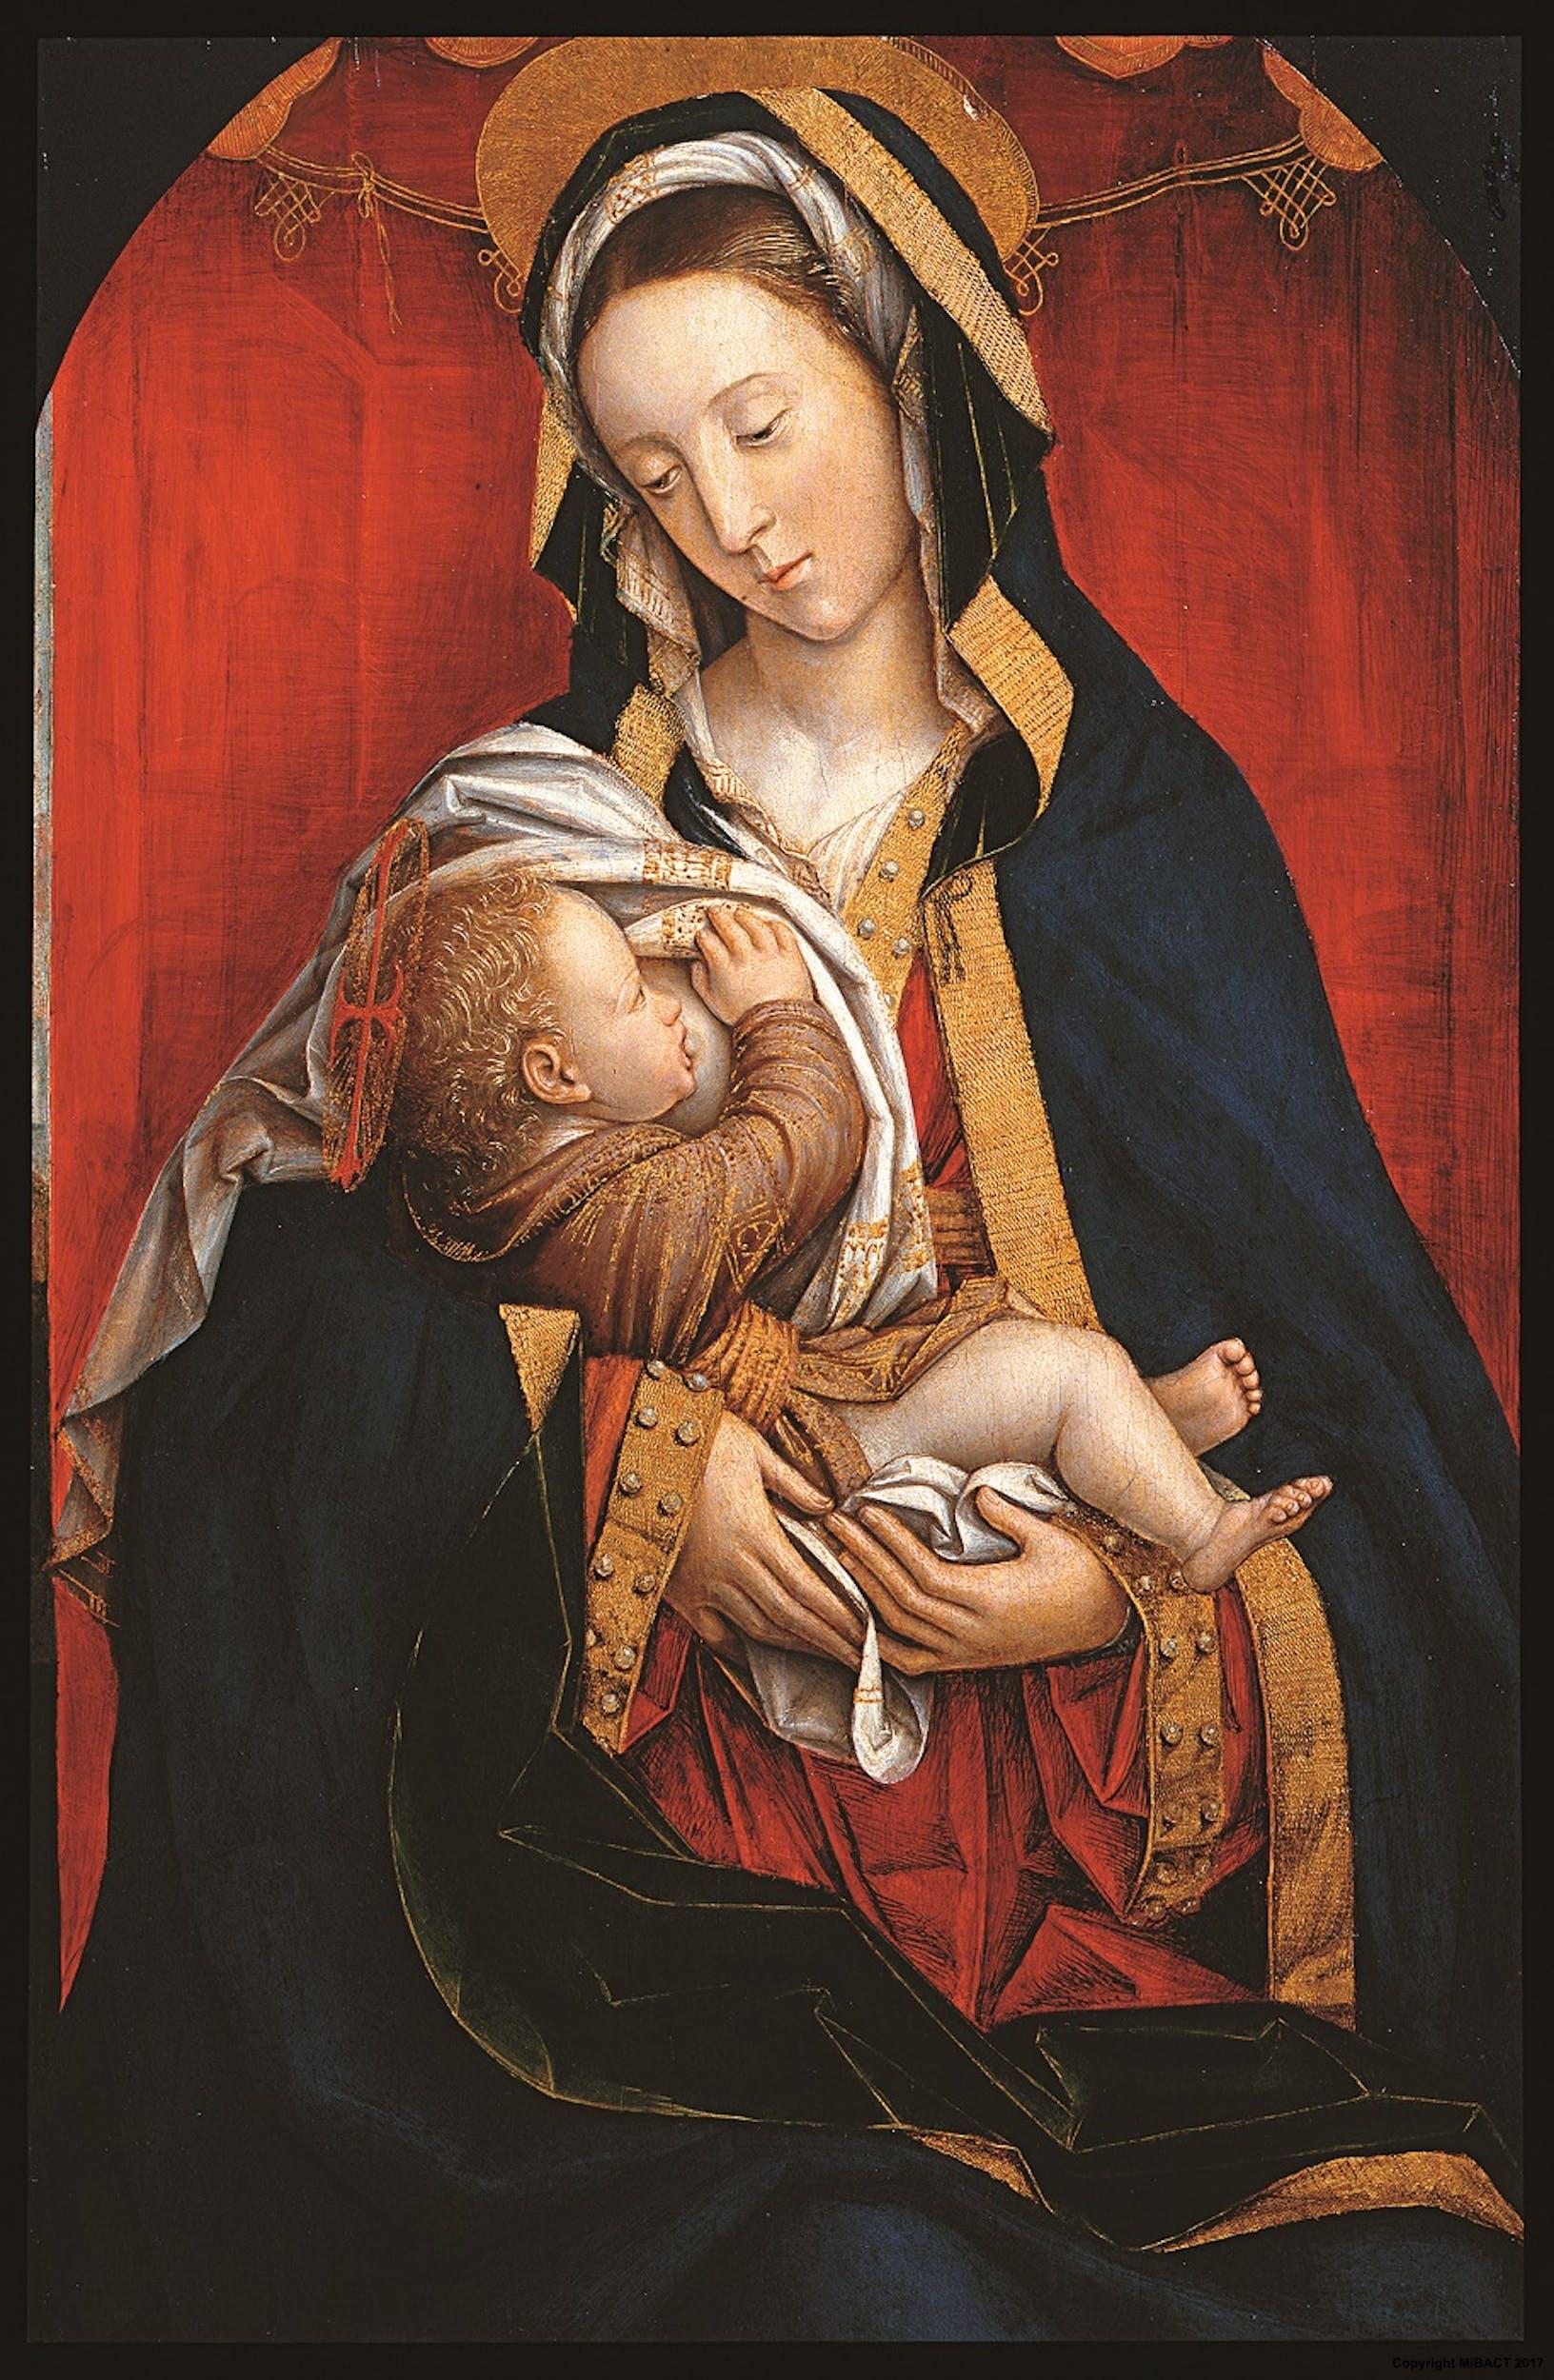 Defendente Ferrari (Chivasso, Torino 1480 circa - 1540 circa) Madonna del Latte 1505-1511 Tecnica mista su tavola Collezione Contini Bonacossi, Gallerie degli Uffizi, Firenze